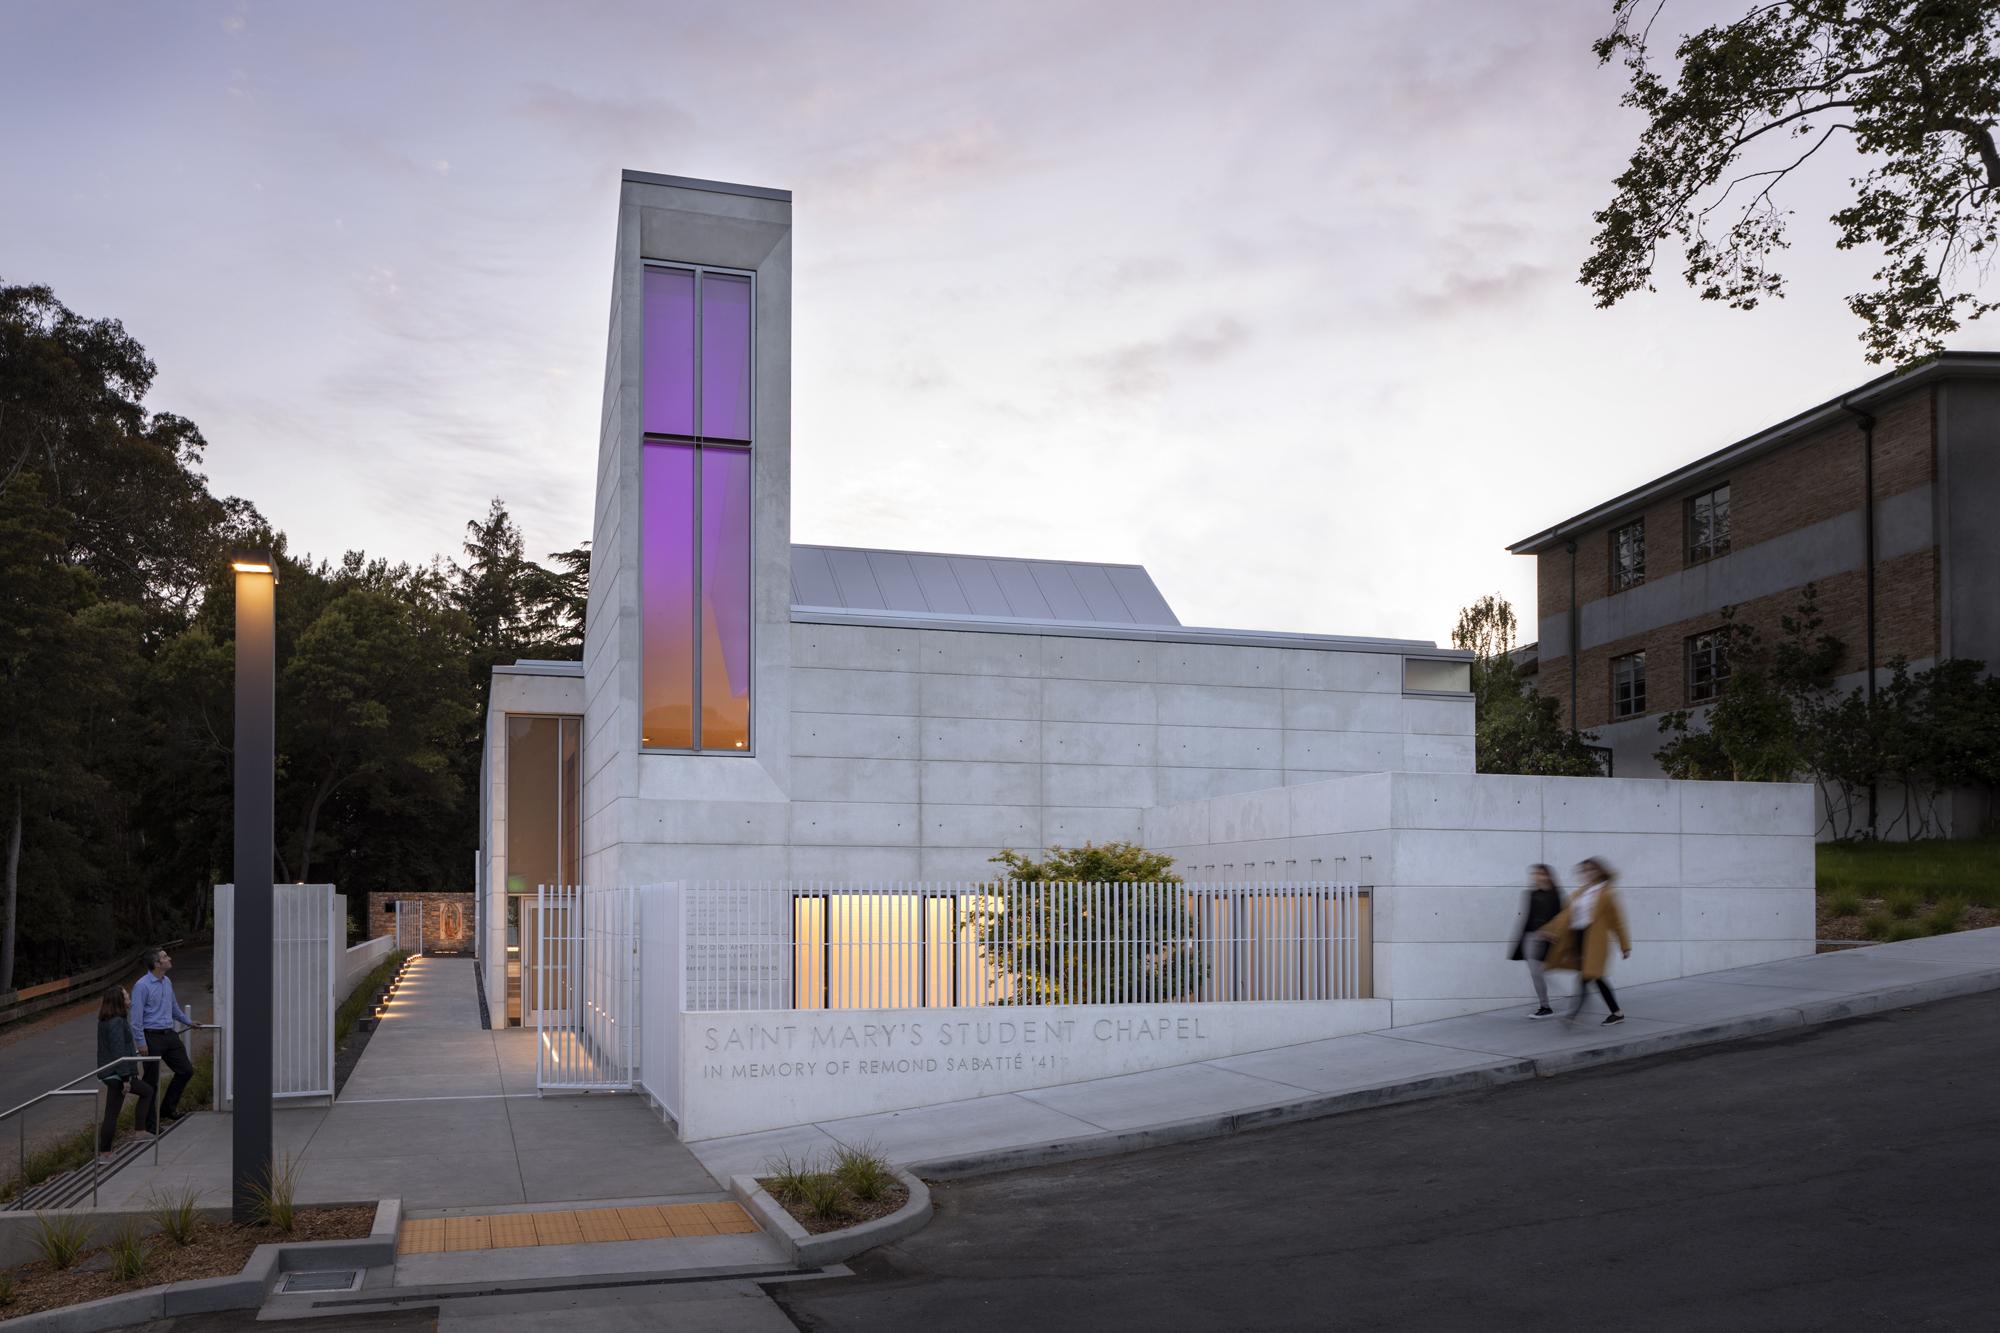 Saint Mary's student chapel Albany, CA